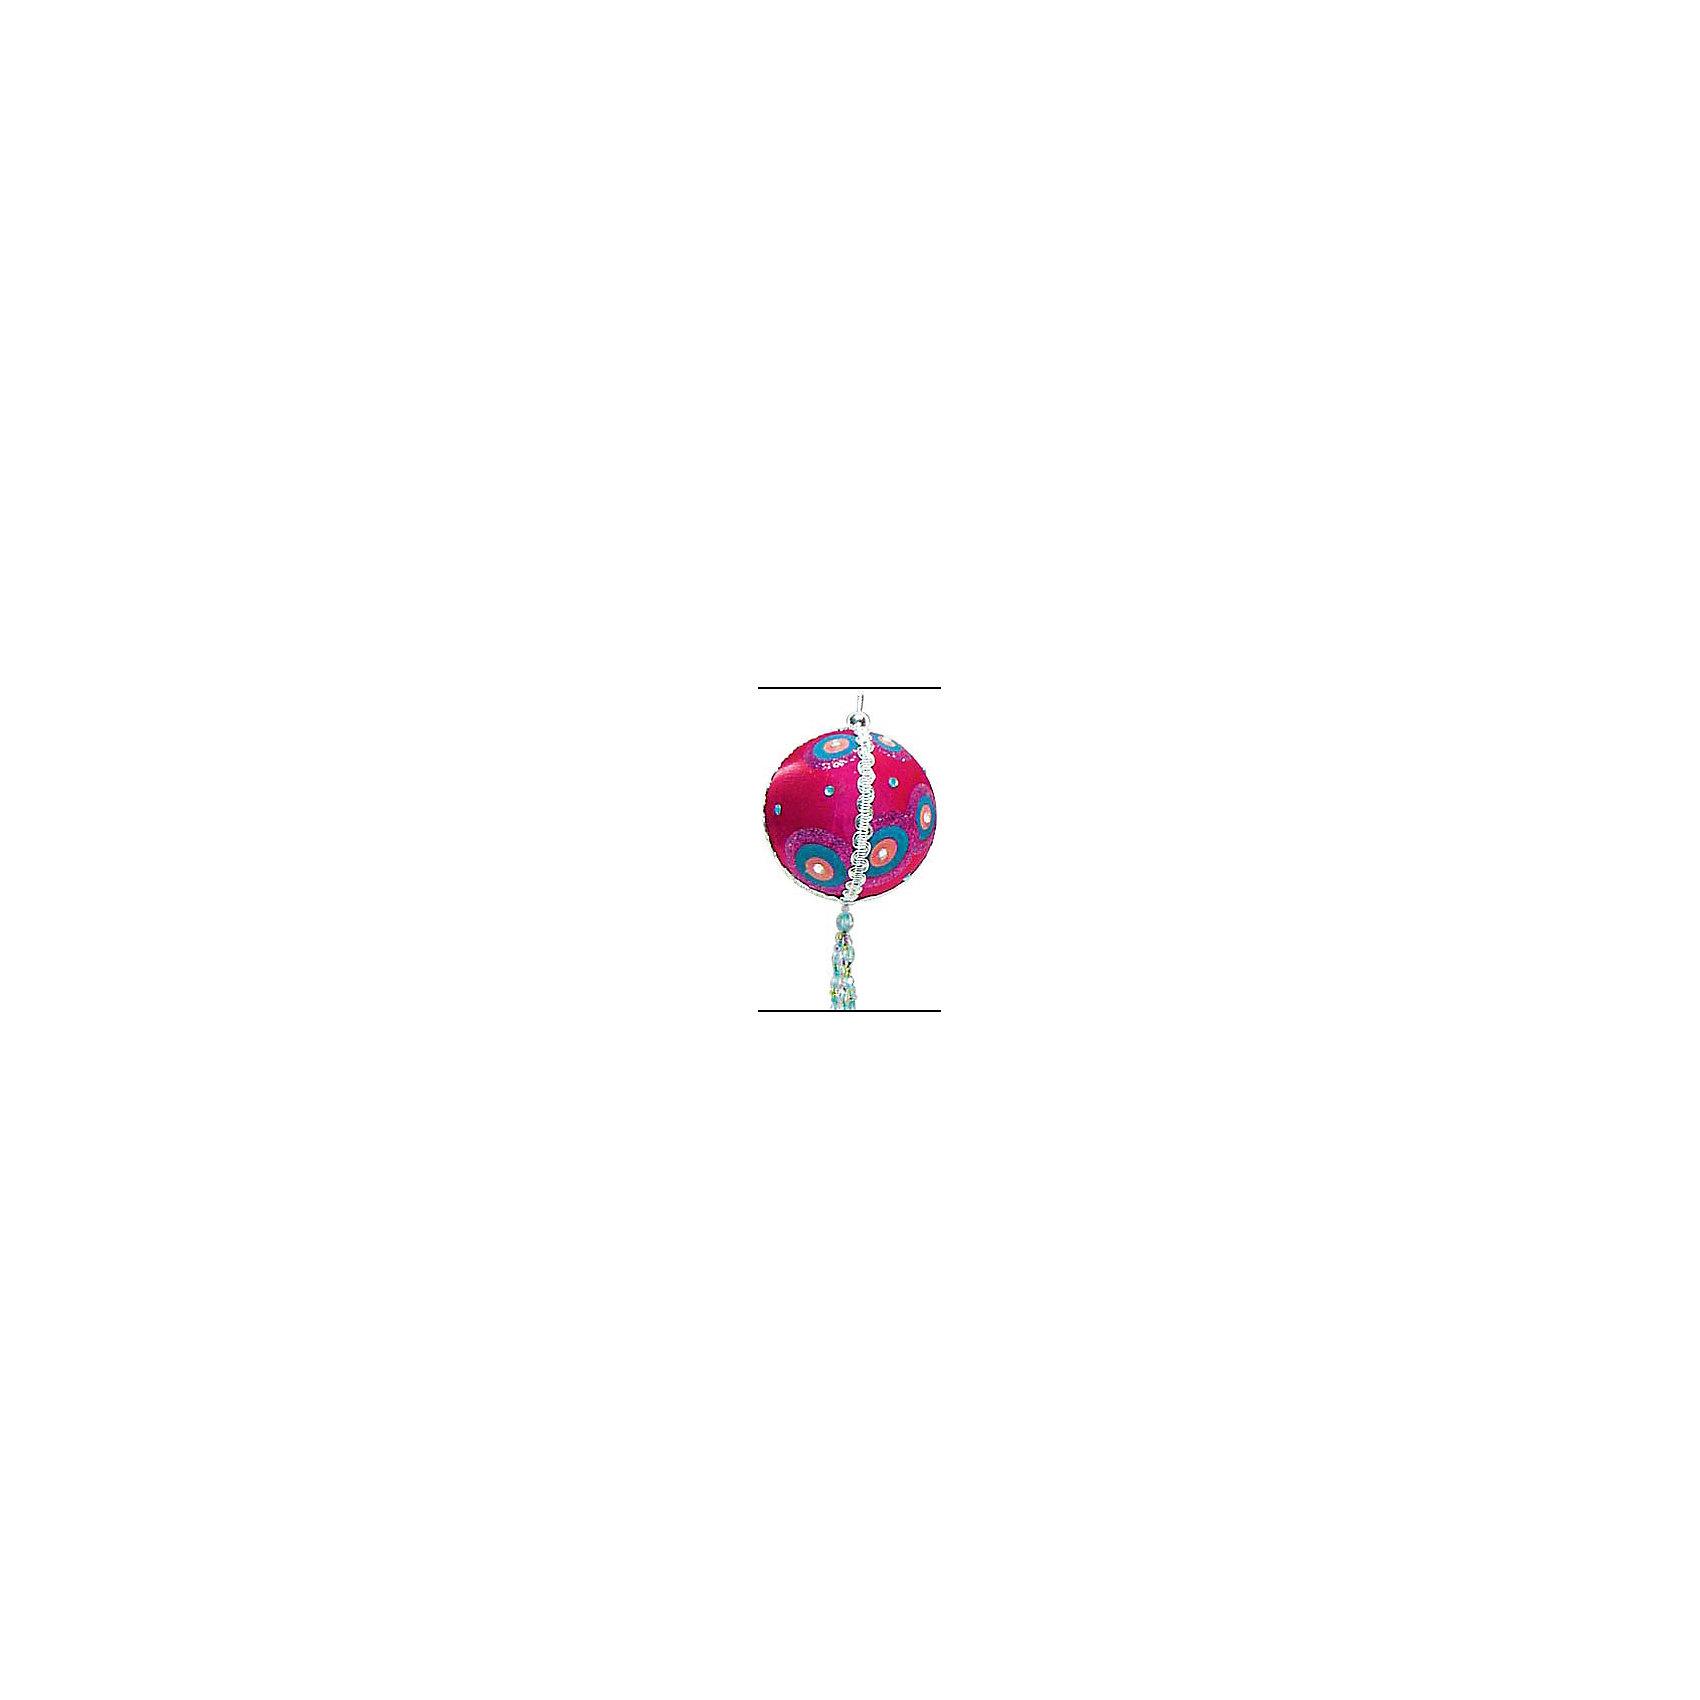 Marko Ferenzo Украшение шар Детская флок, 9 см, малиновый